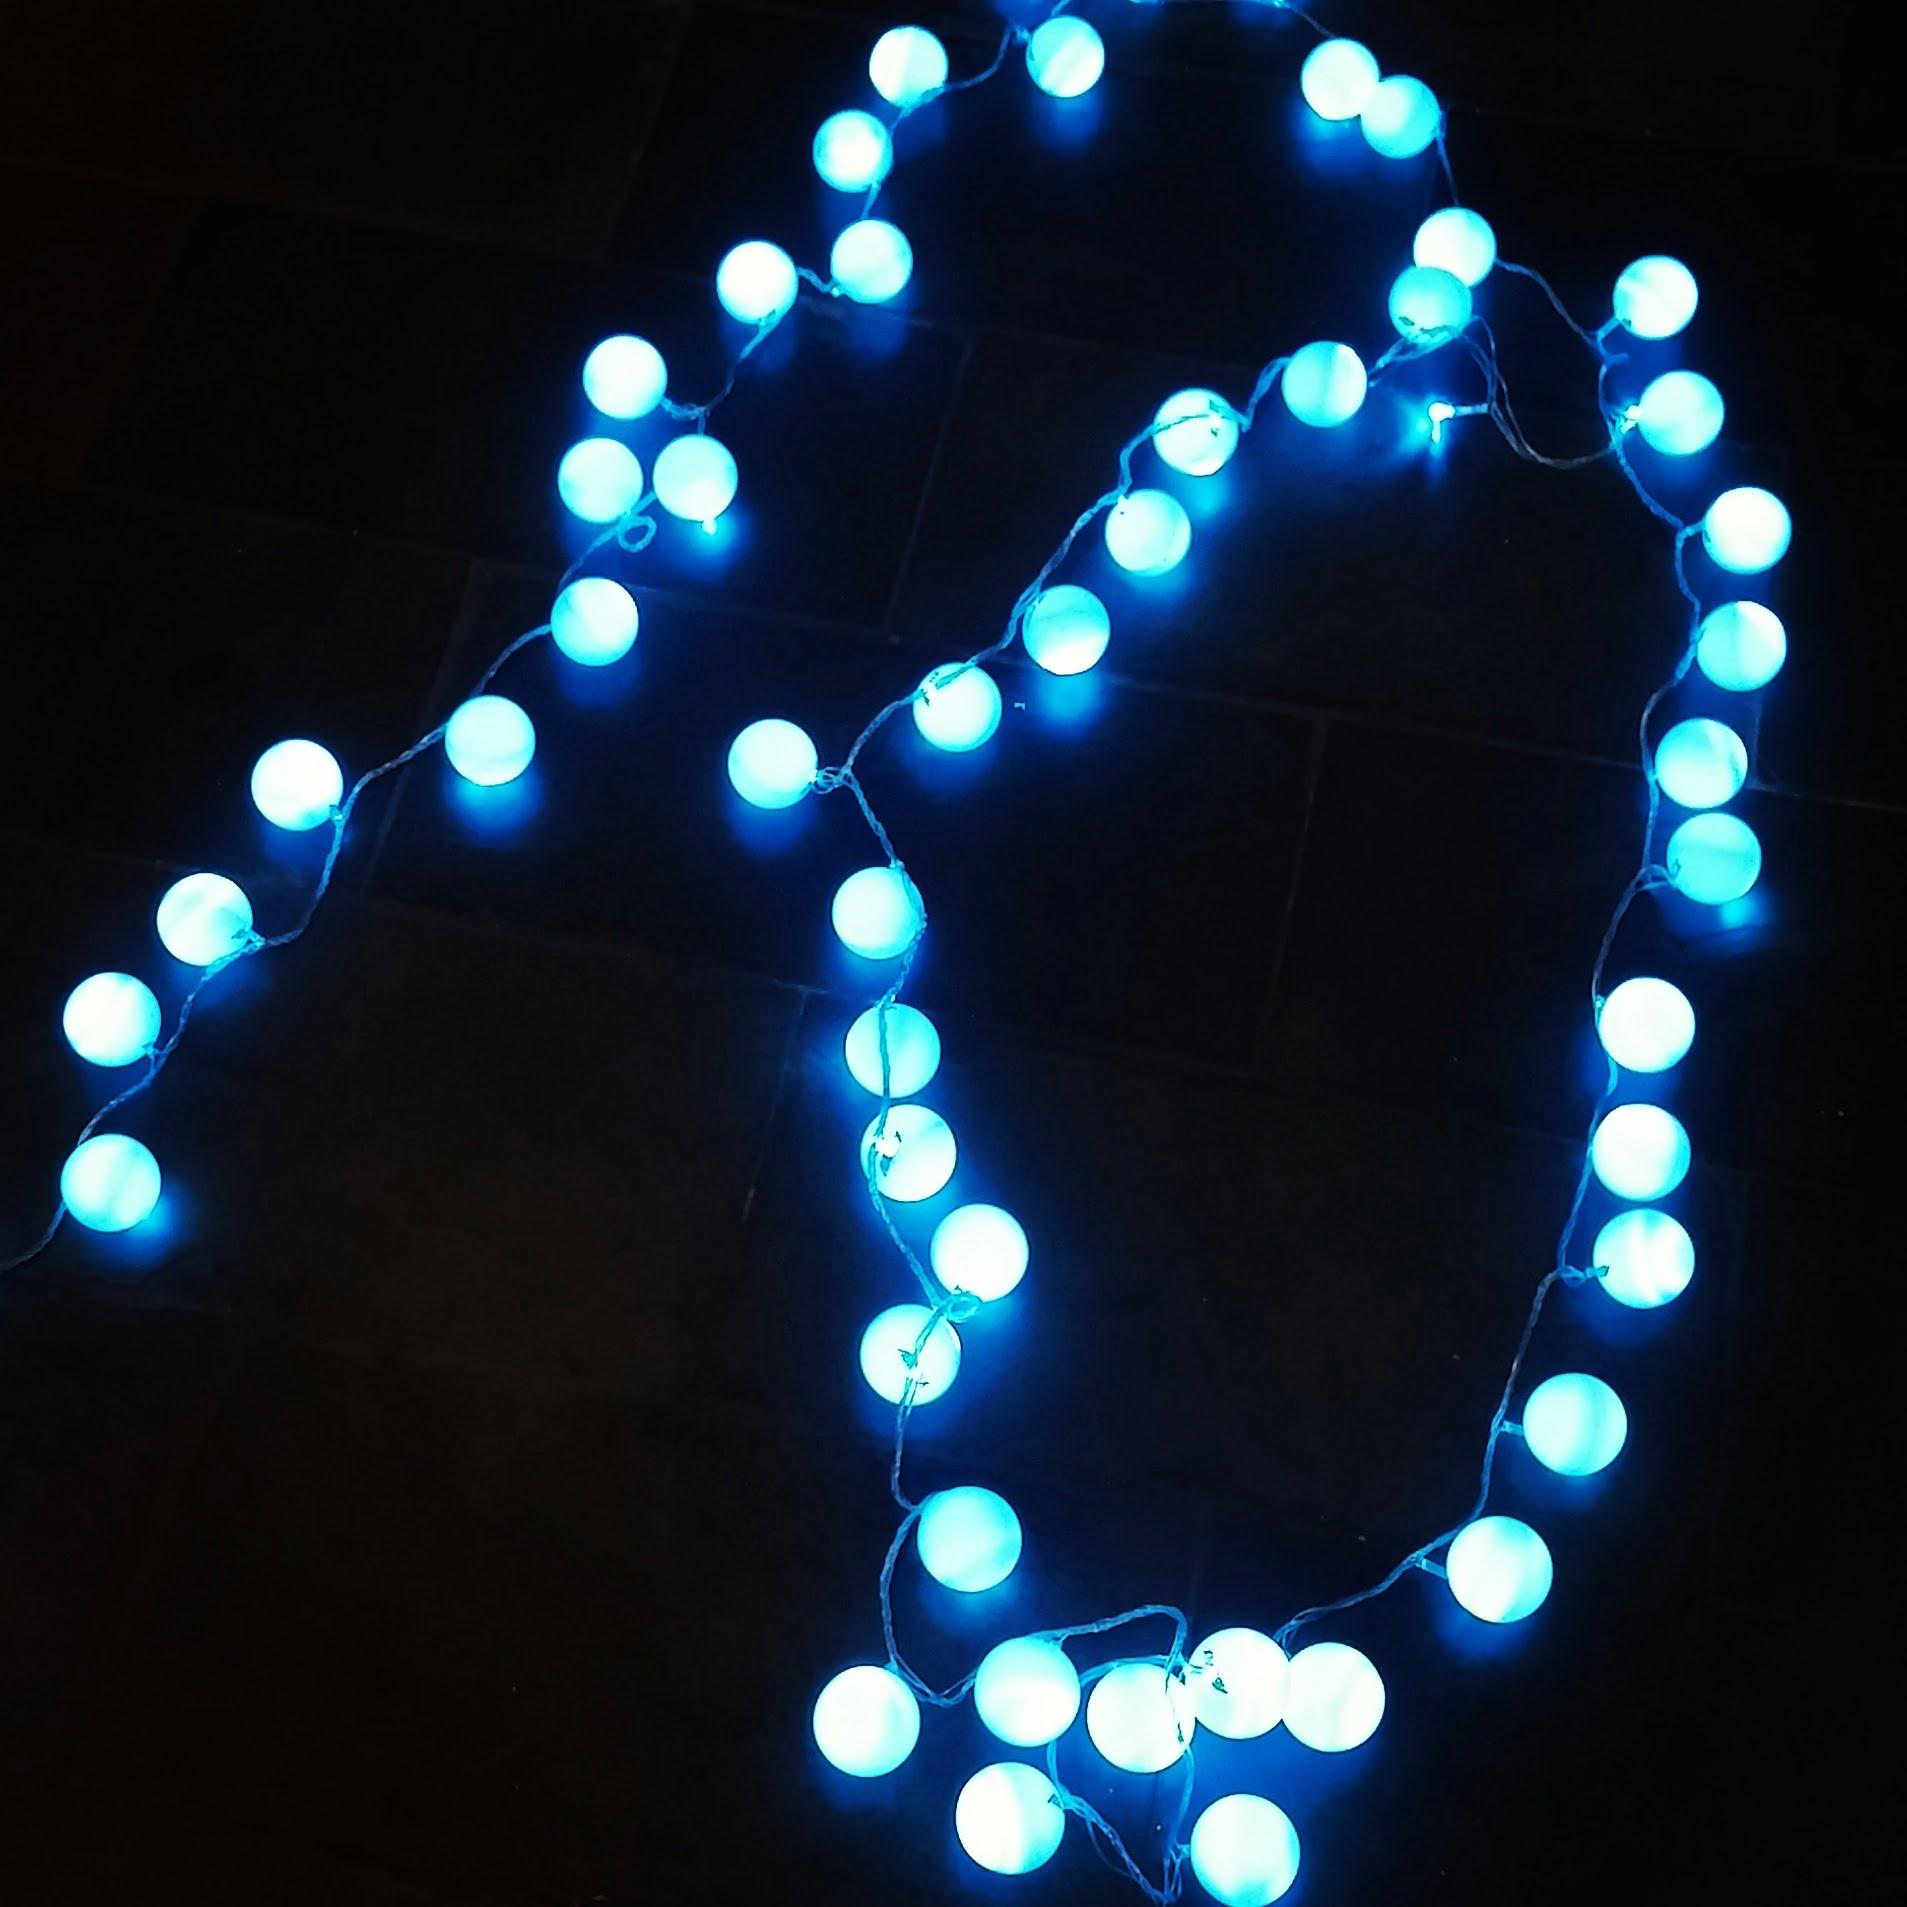 como-fazer-luzes-com-bolas-de-pingue-pongue-resultado